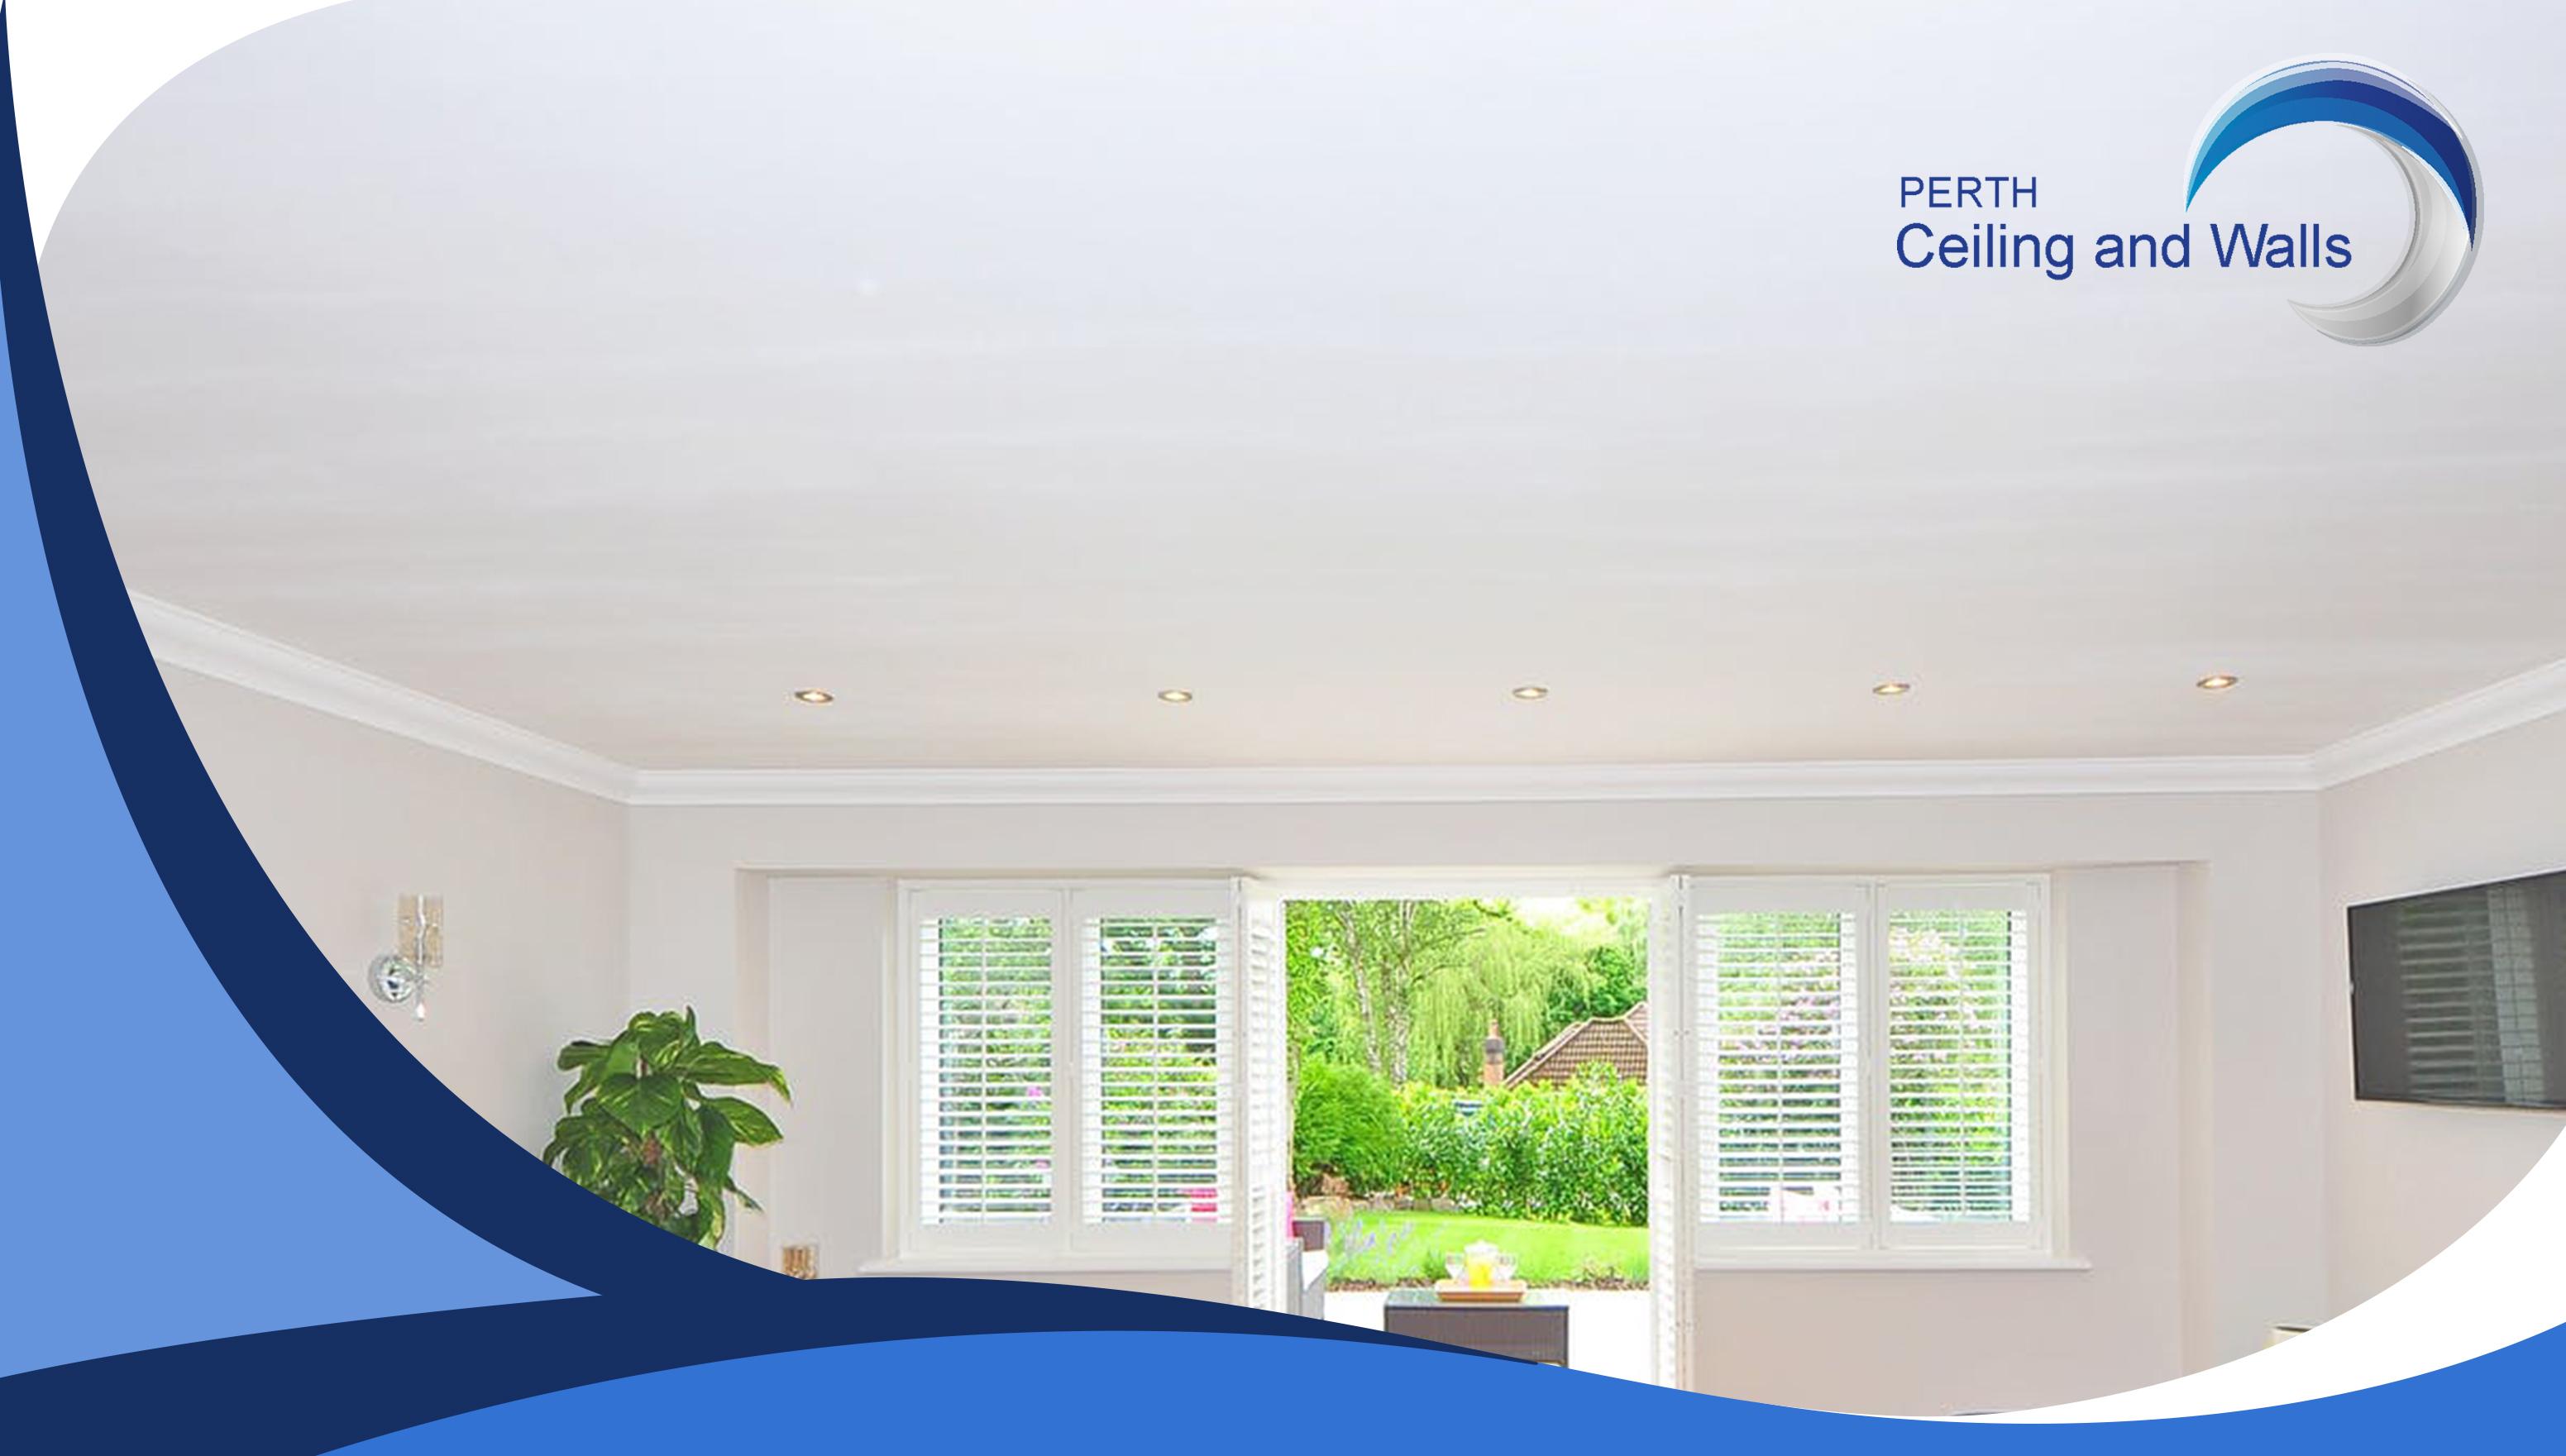 gyprock ceilings perth - gyprock plasterboard